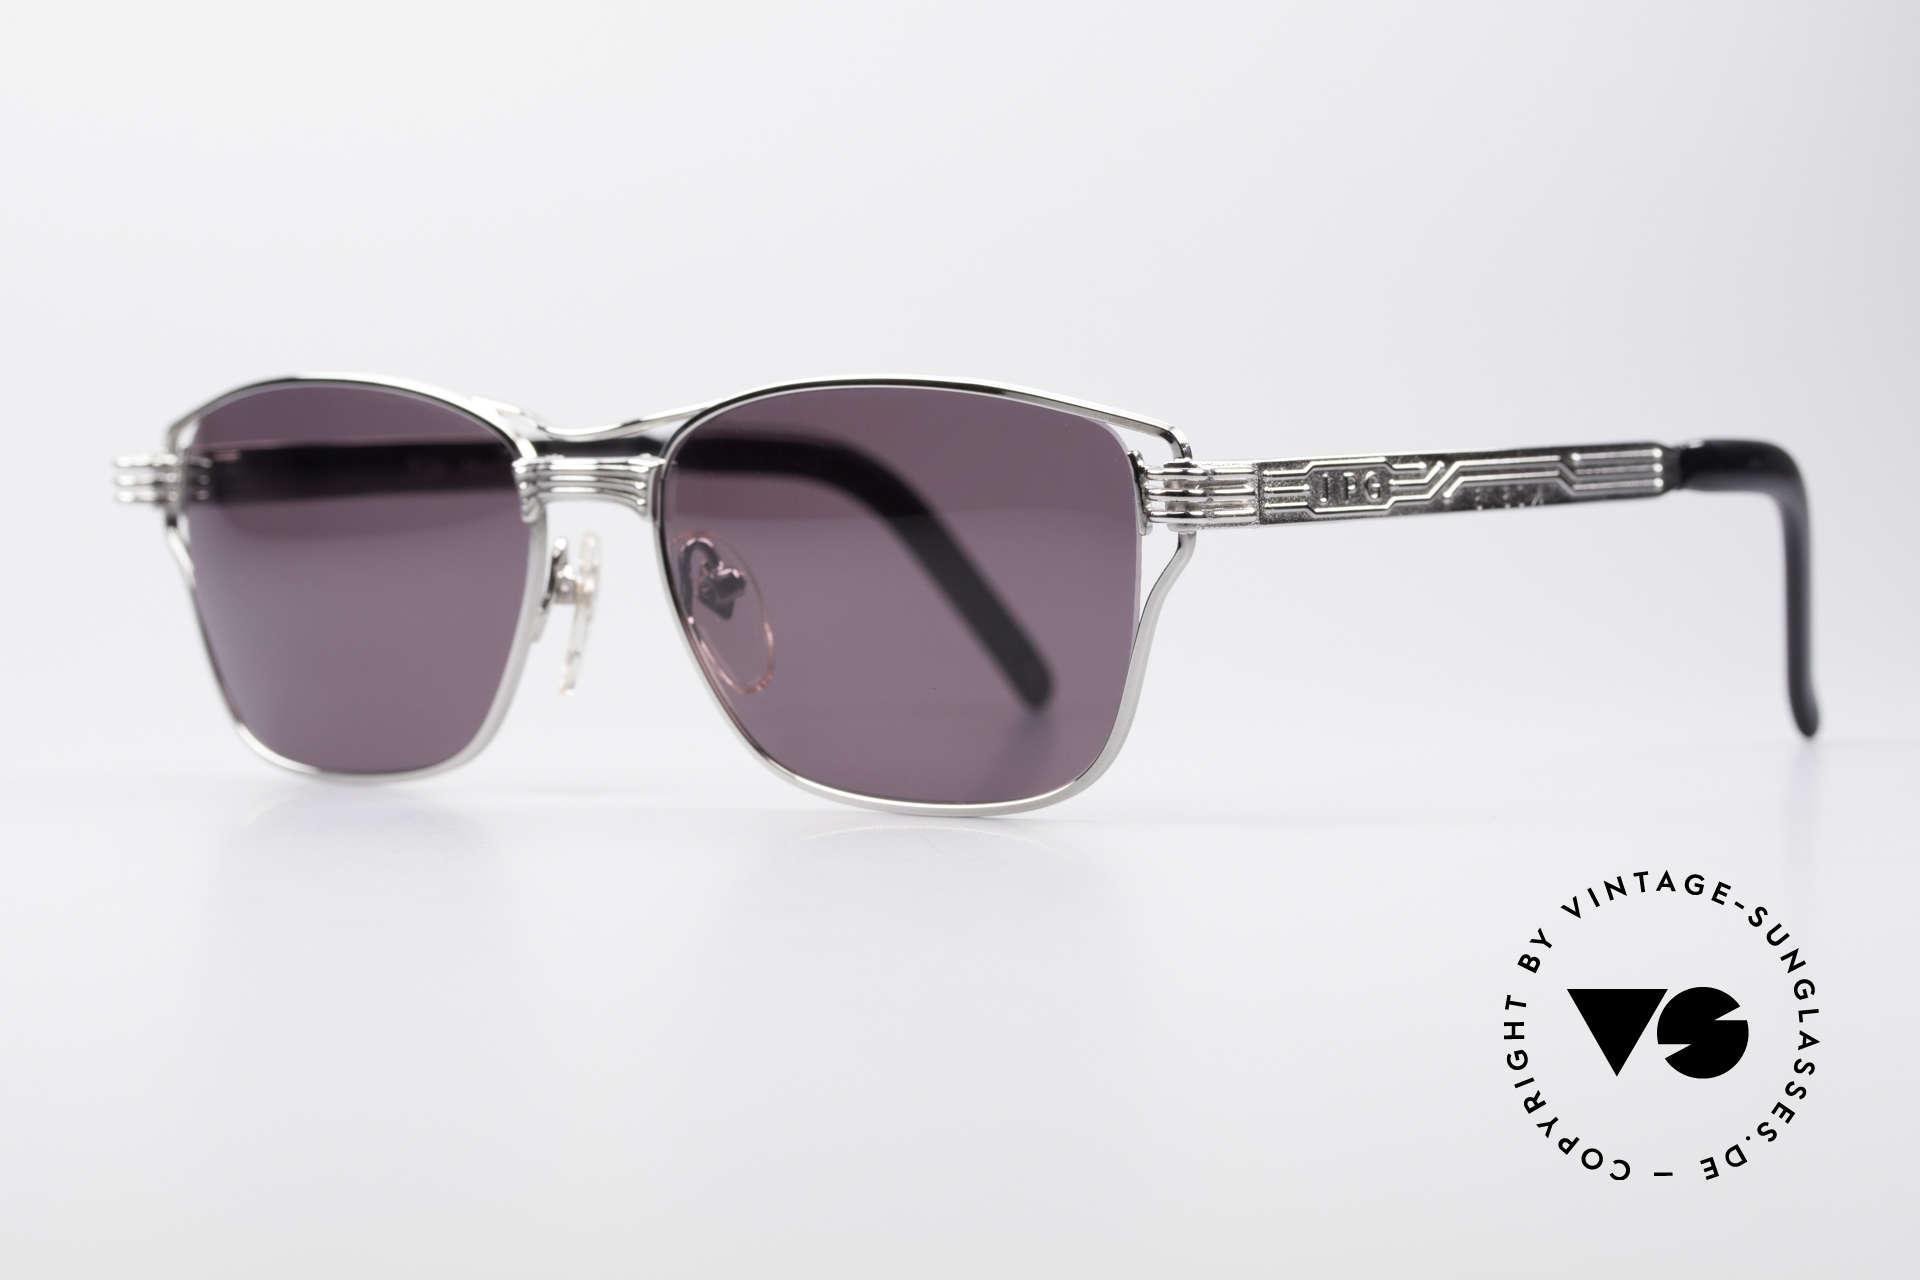 Jean Paul Gaultier 56-4173 Markante Eckige Sonnenbrille, Metall-Fassung mit vielen aufwendigen Details, Passend für Herren